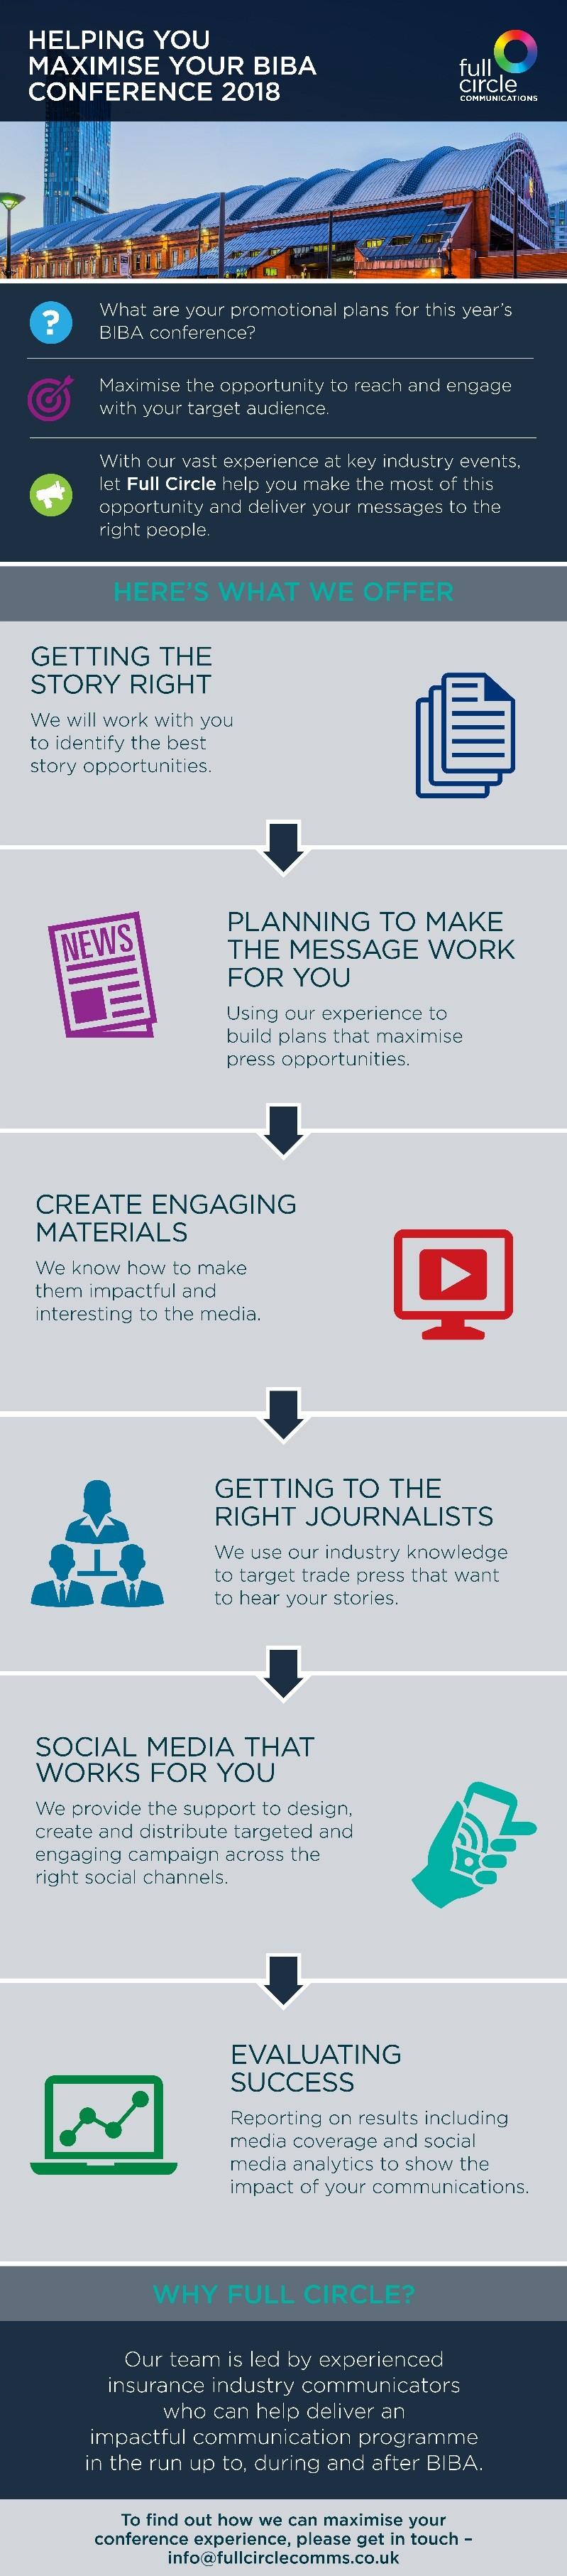 BIBA-infographic.jpg